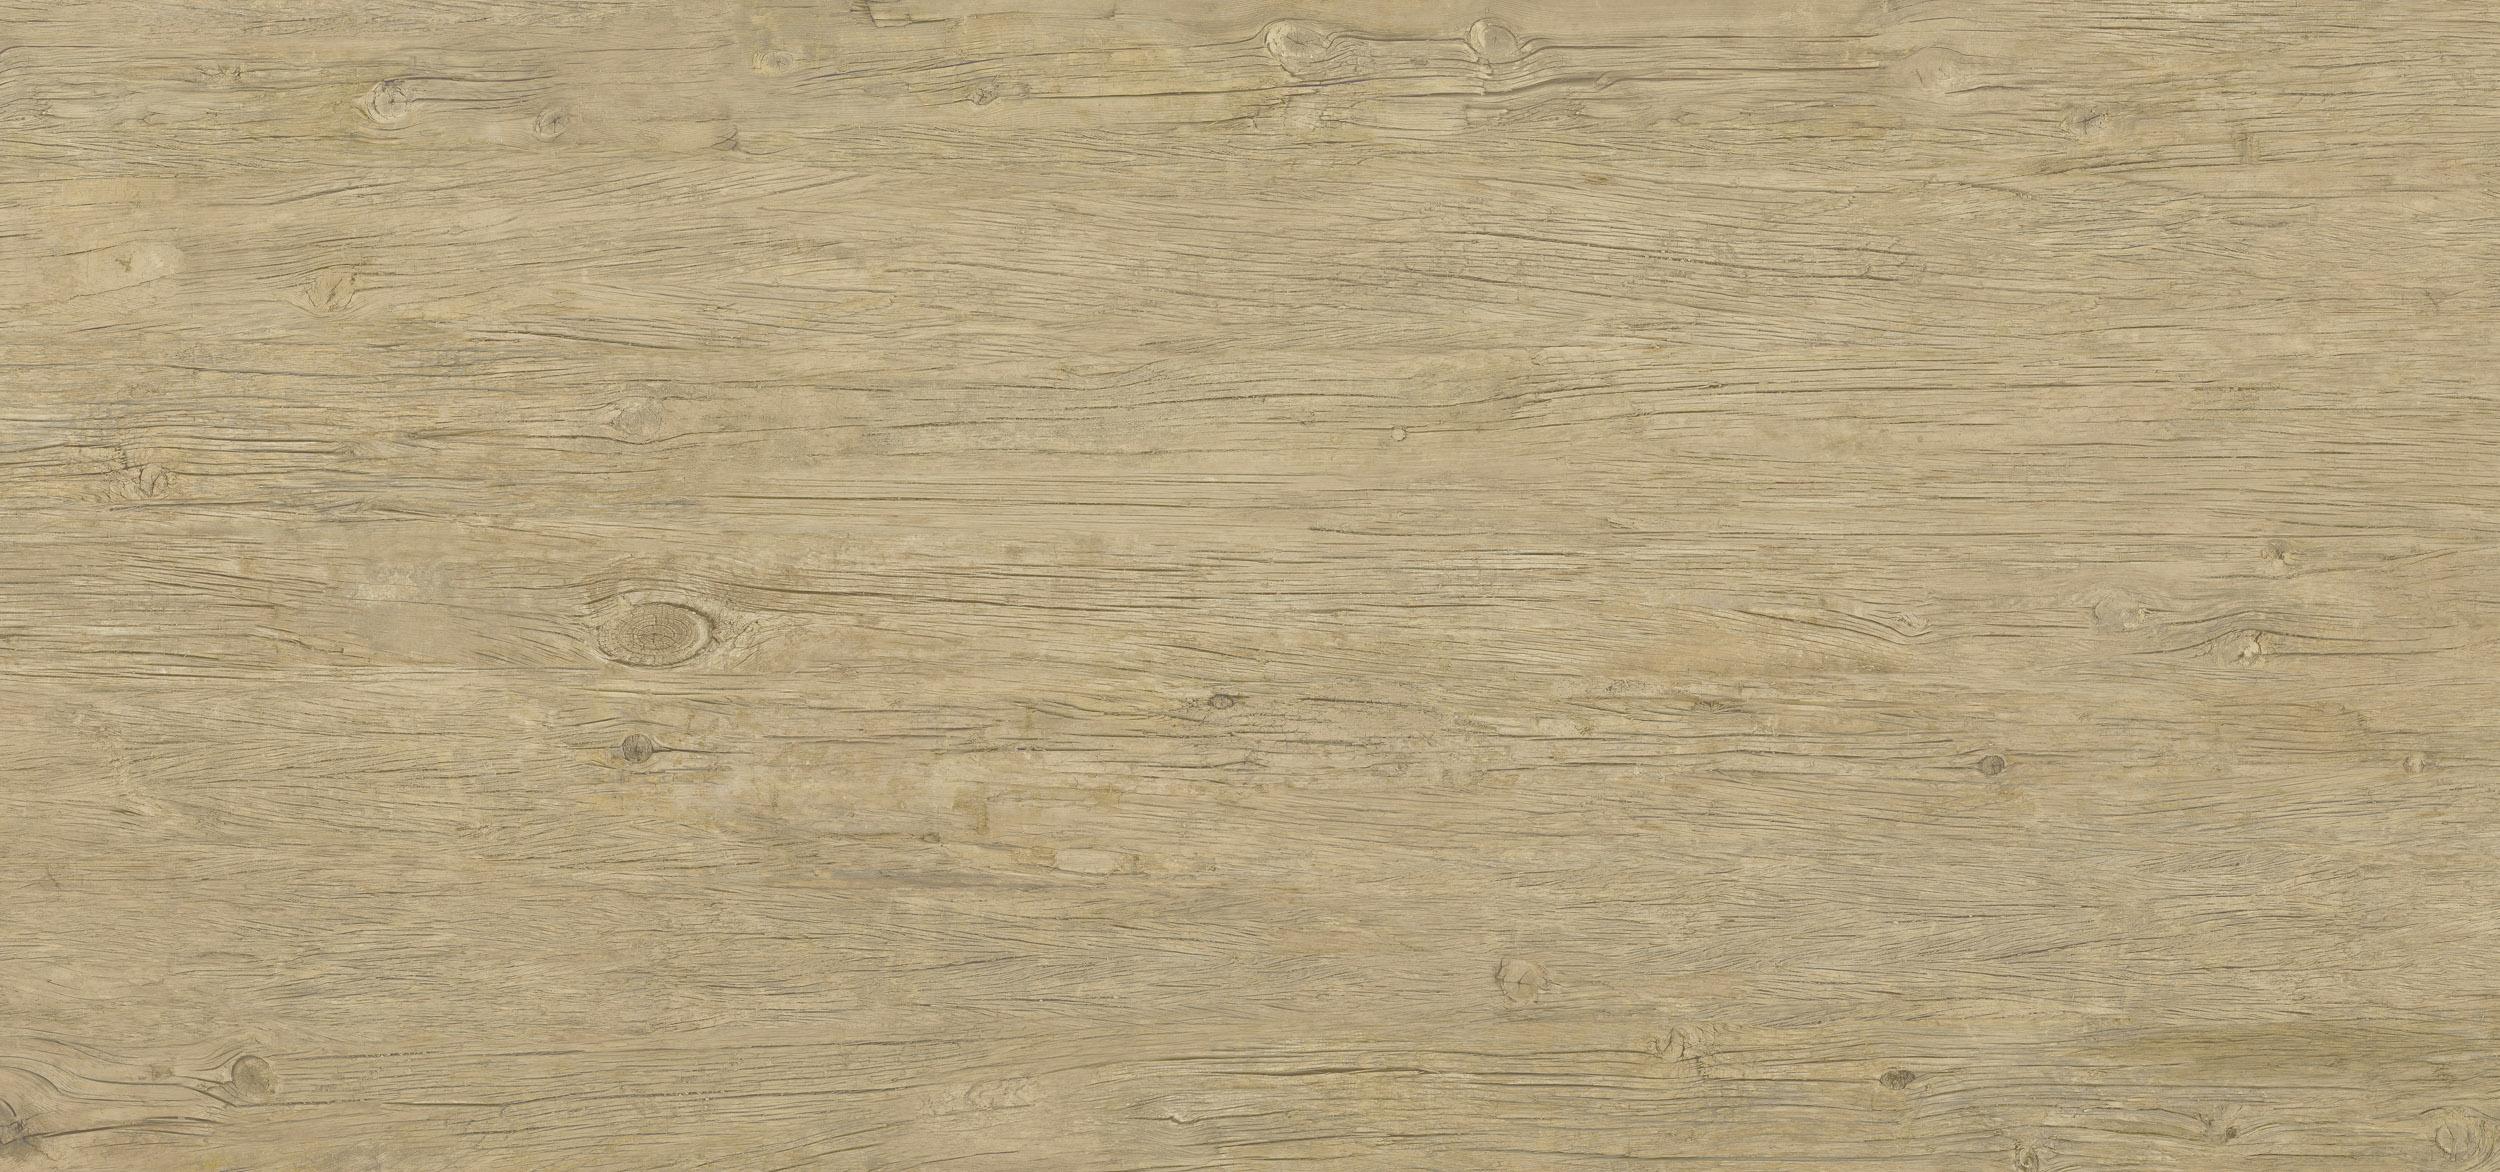 Neolith Timber La Boheme B02